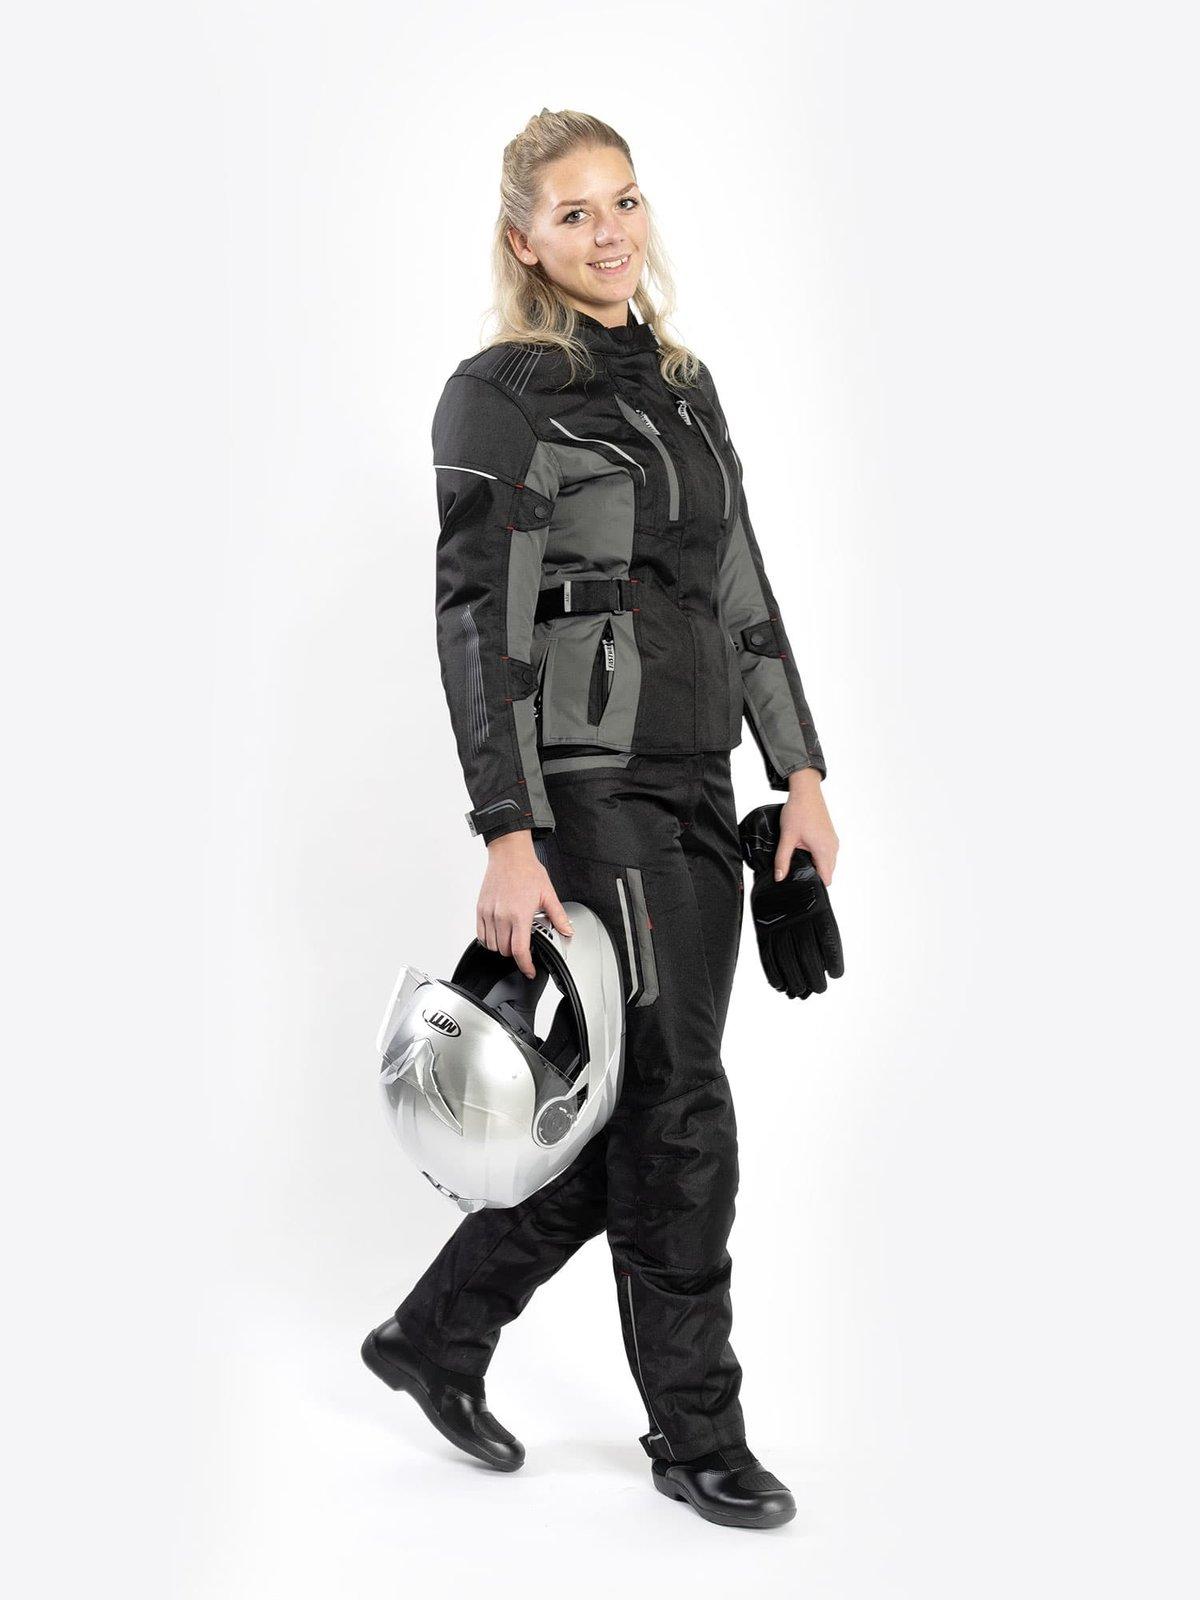 Typberatung - Tourer Motorradfahrer